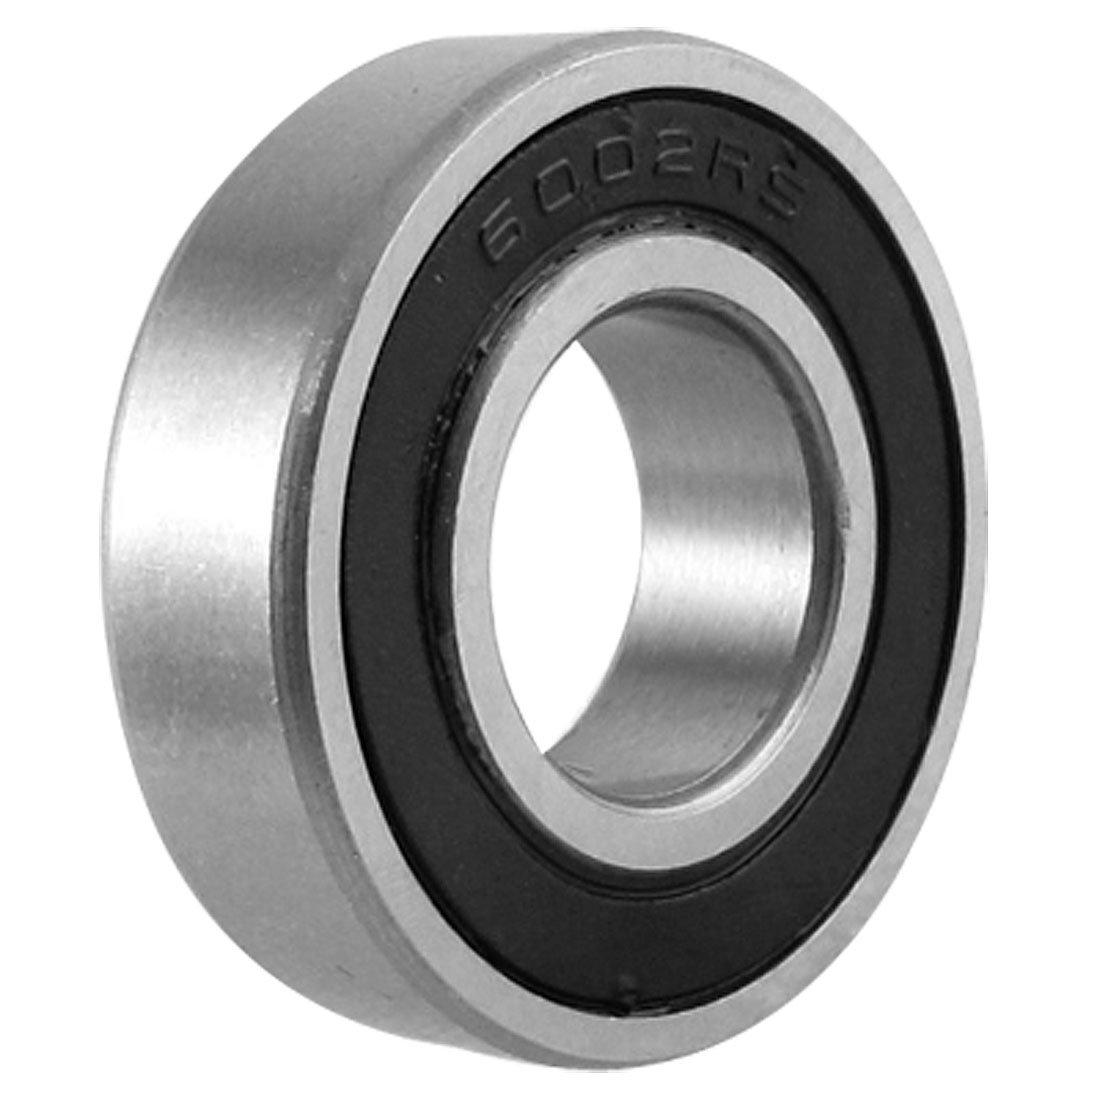 KSOL 15mm x 32mm x 9mm ancho de una sola fila Ranura Profunda sellado Rodamiento de bolas radial 6002RS